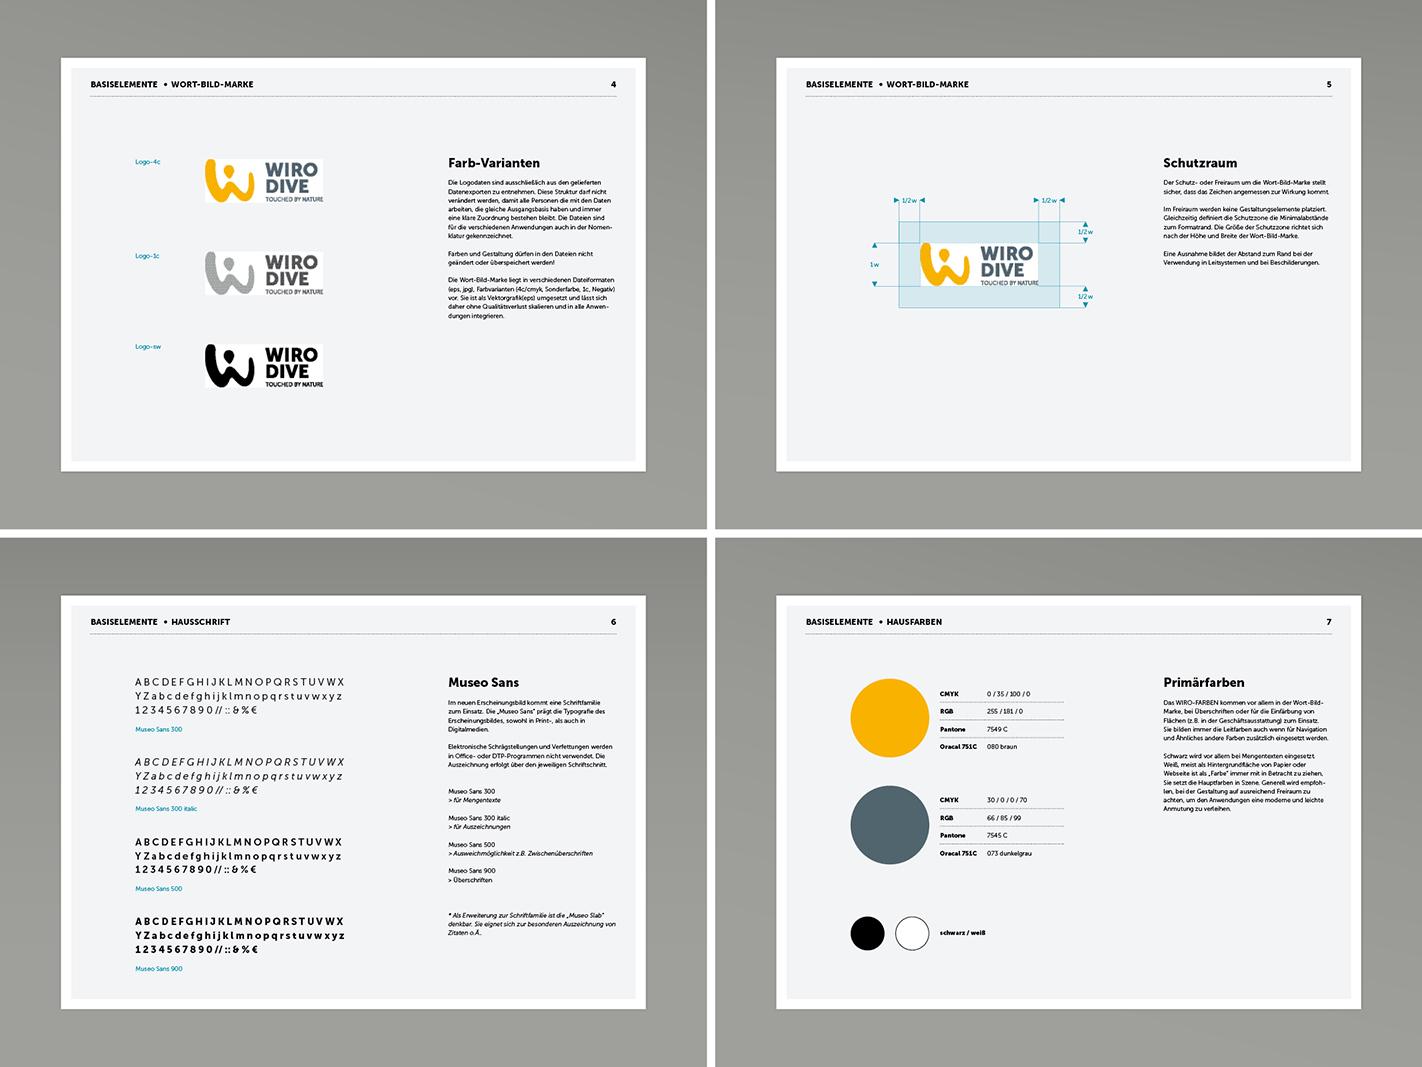 ATK-WIRO-DIVE-Tauchen-Reisen-Corporate-Design-9.jpg